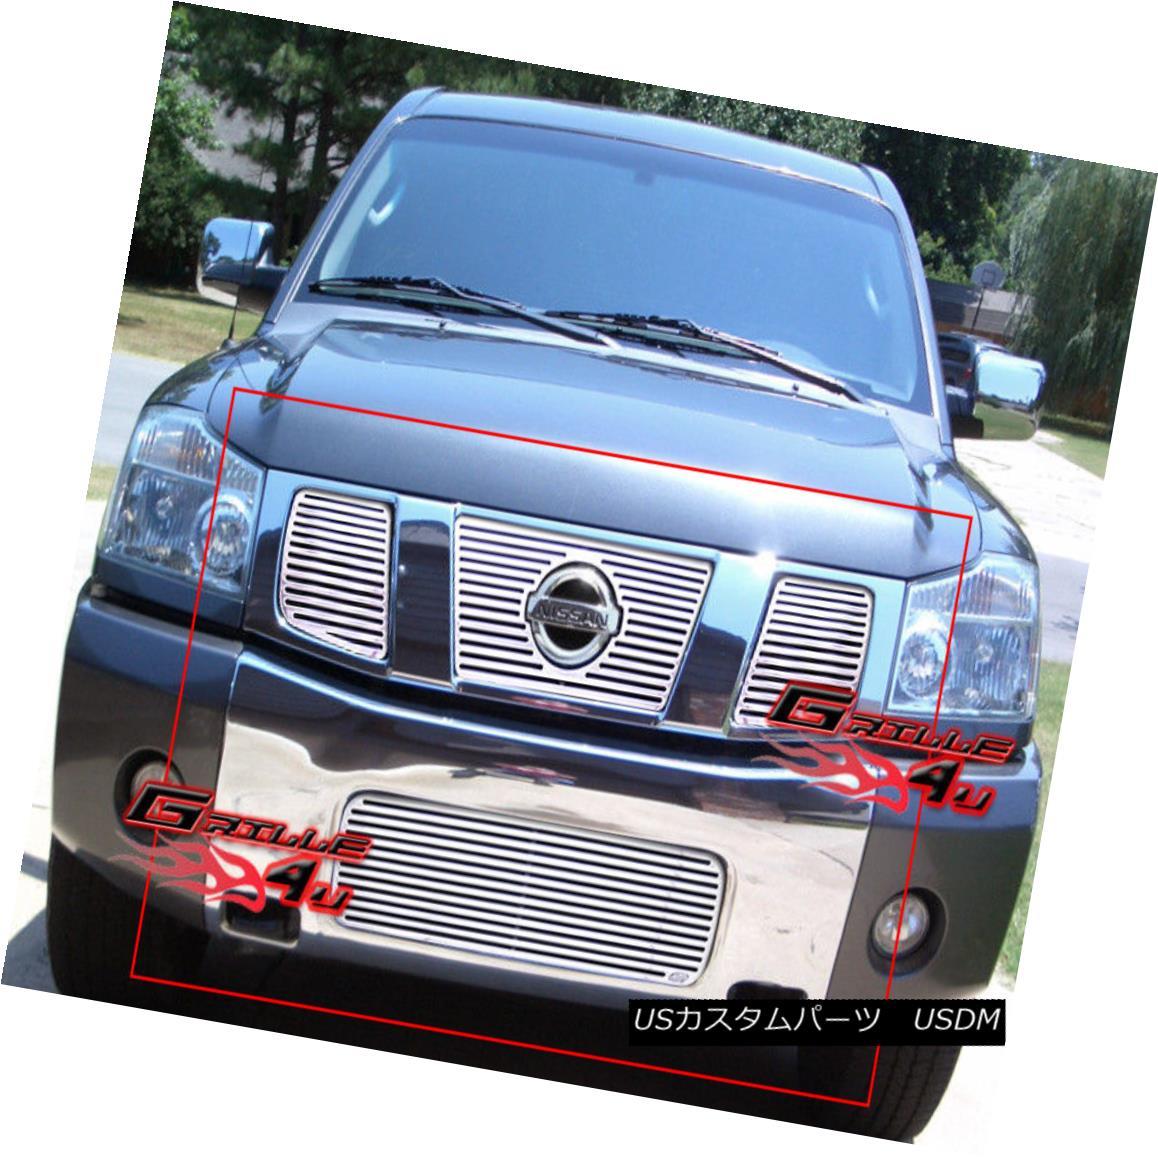 グリル Fits 04-07 Nissan Titan/Armada Perimeter Billet Grille Combo フィット04-07 Nissan Titan / Armadaペリメータービレットグリルコンボ